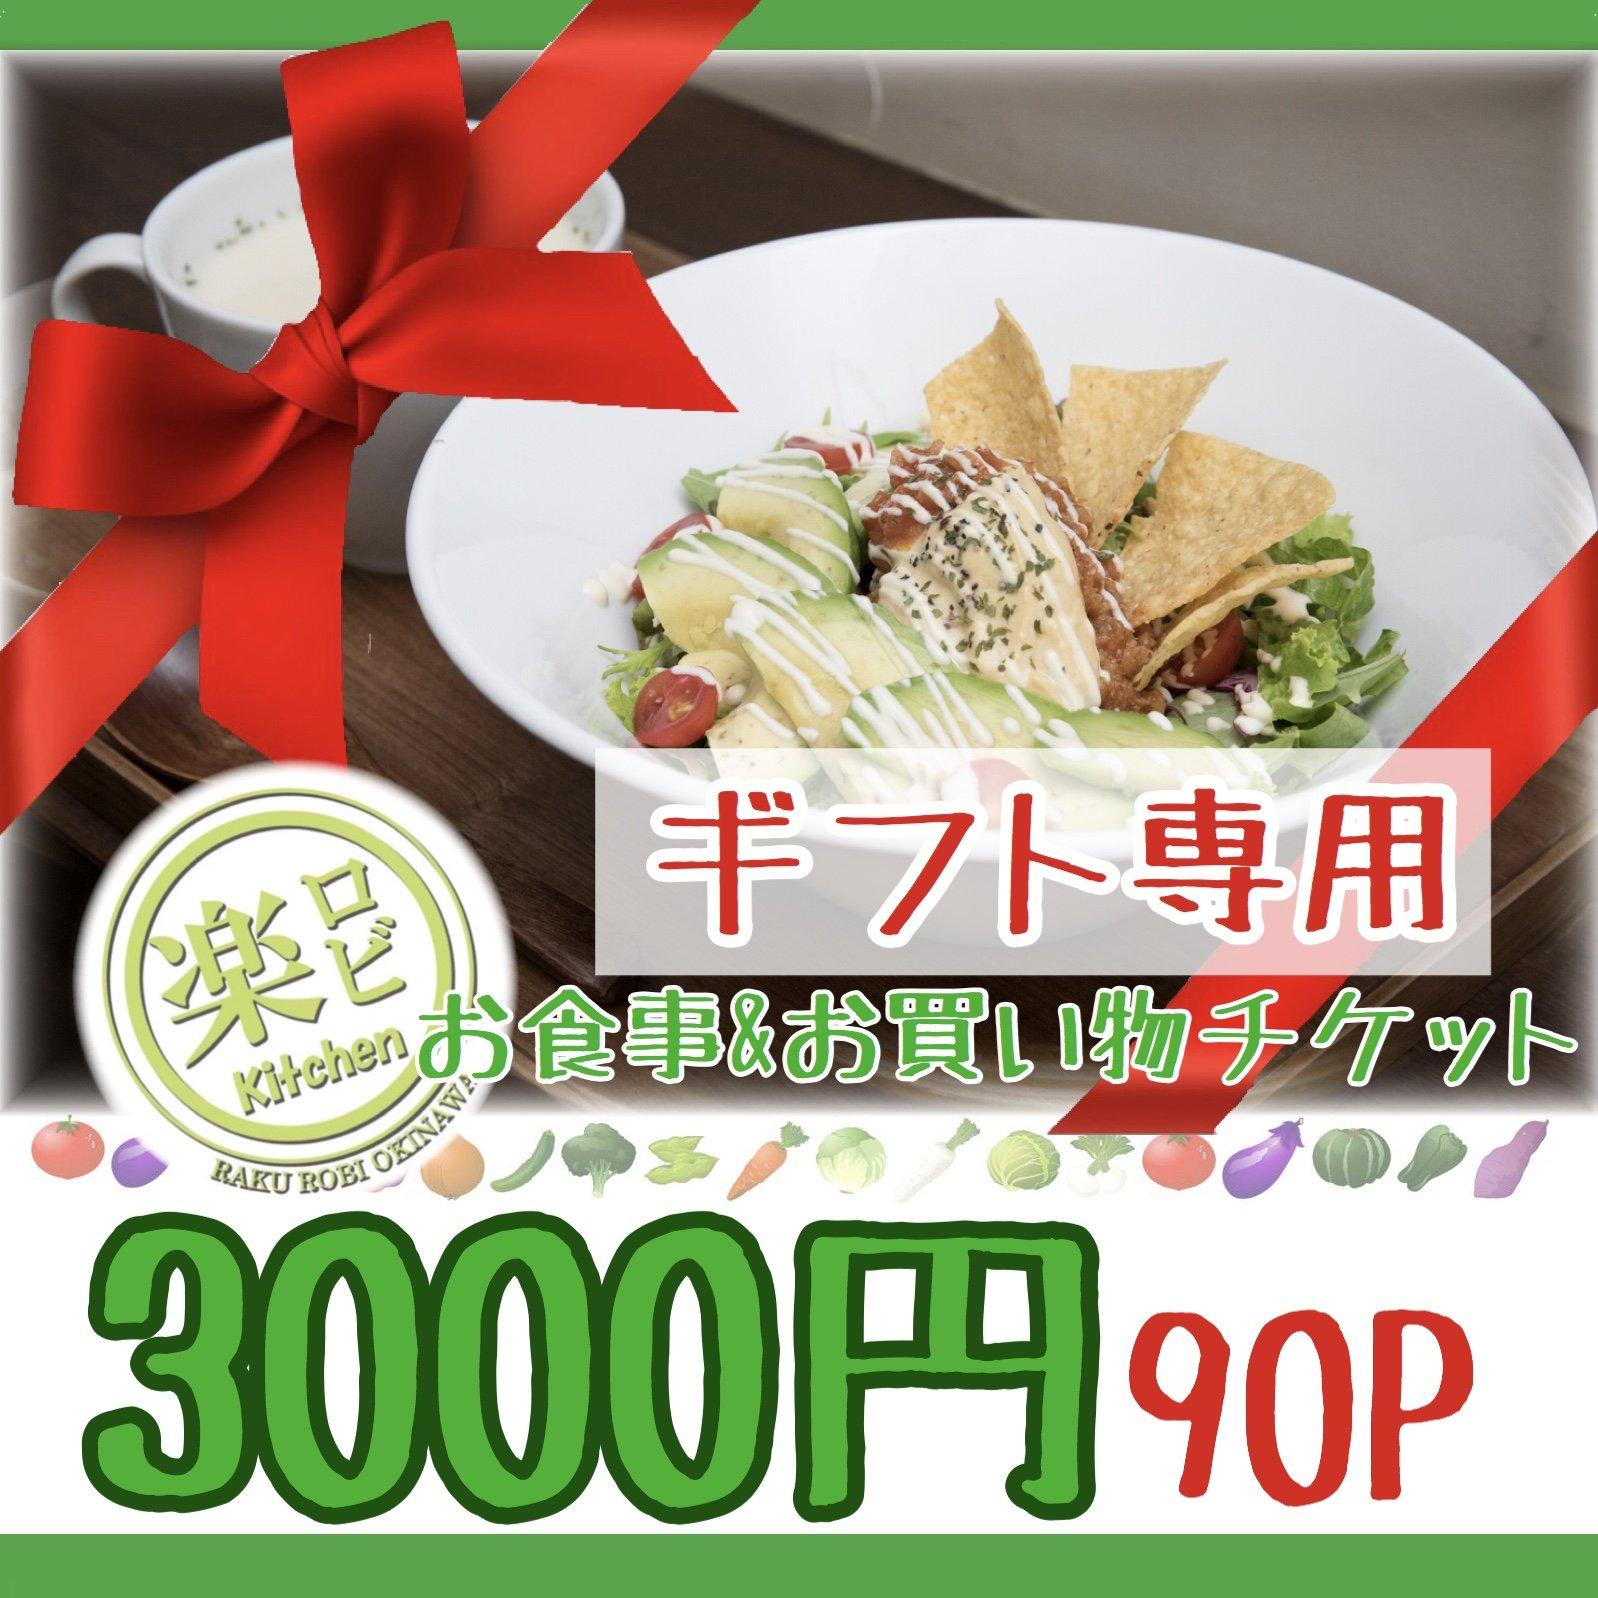 【ギフト専用】3000円お食事&お買い物チケットのイメージその1